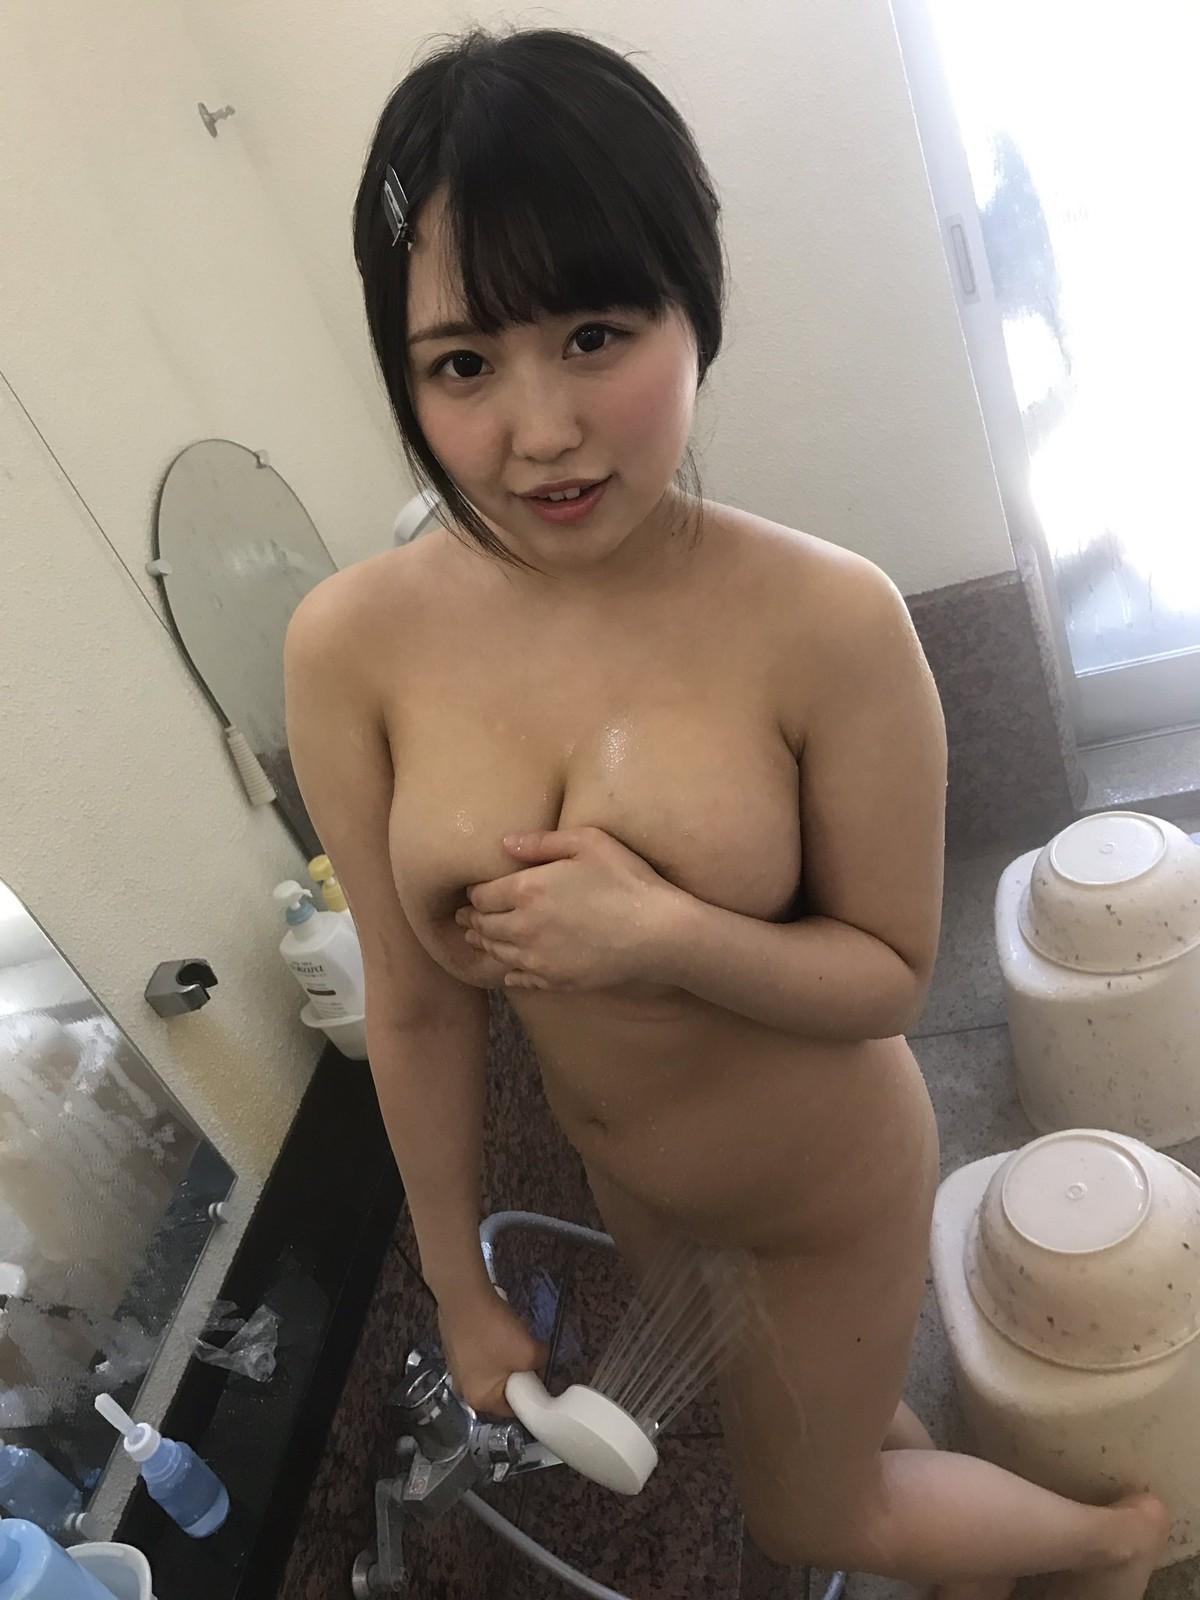 セクシー女優さんのオフショット生々しくてエッッッッッッッッッッッロ!!!(画像32枚)・28枚目